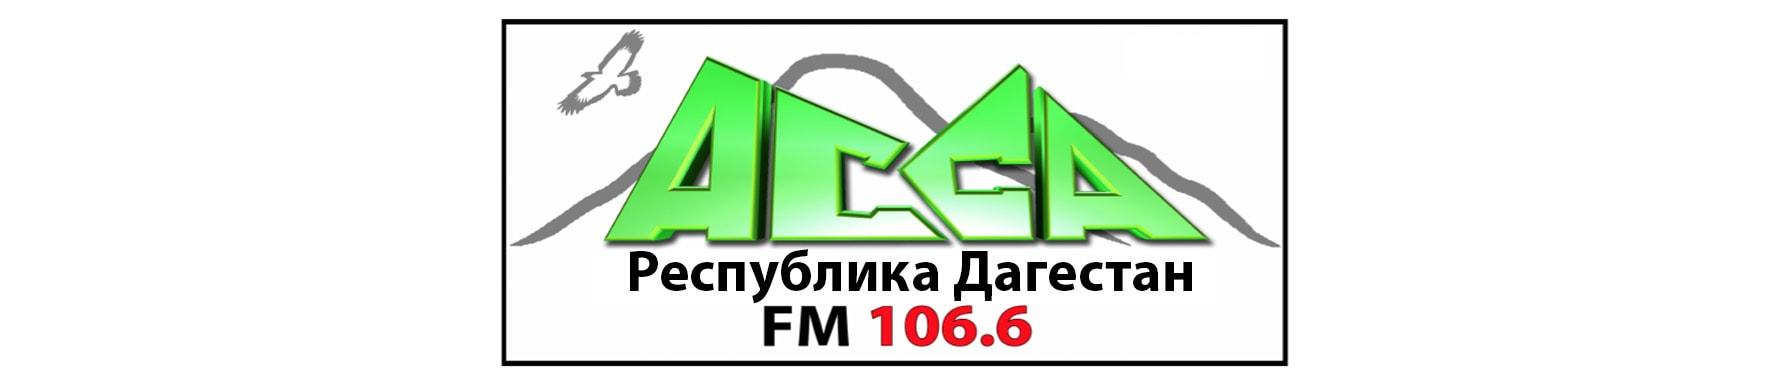 Реклама на радио в Дагестане Асса